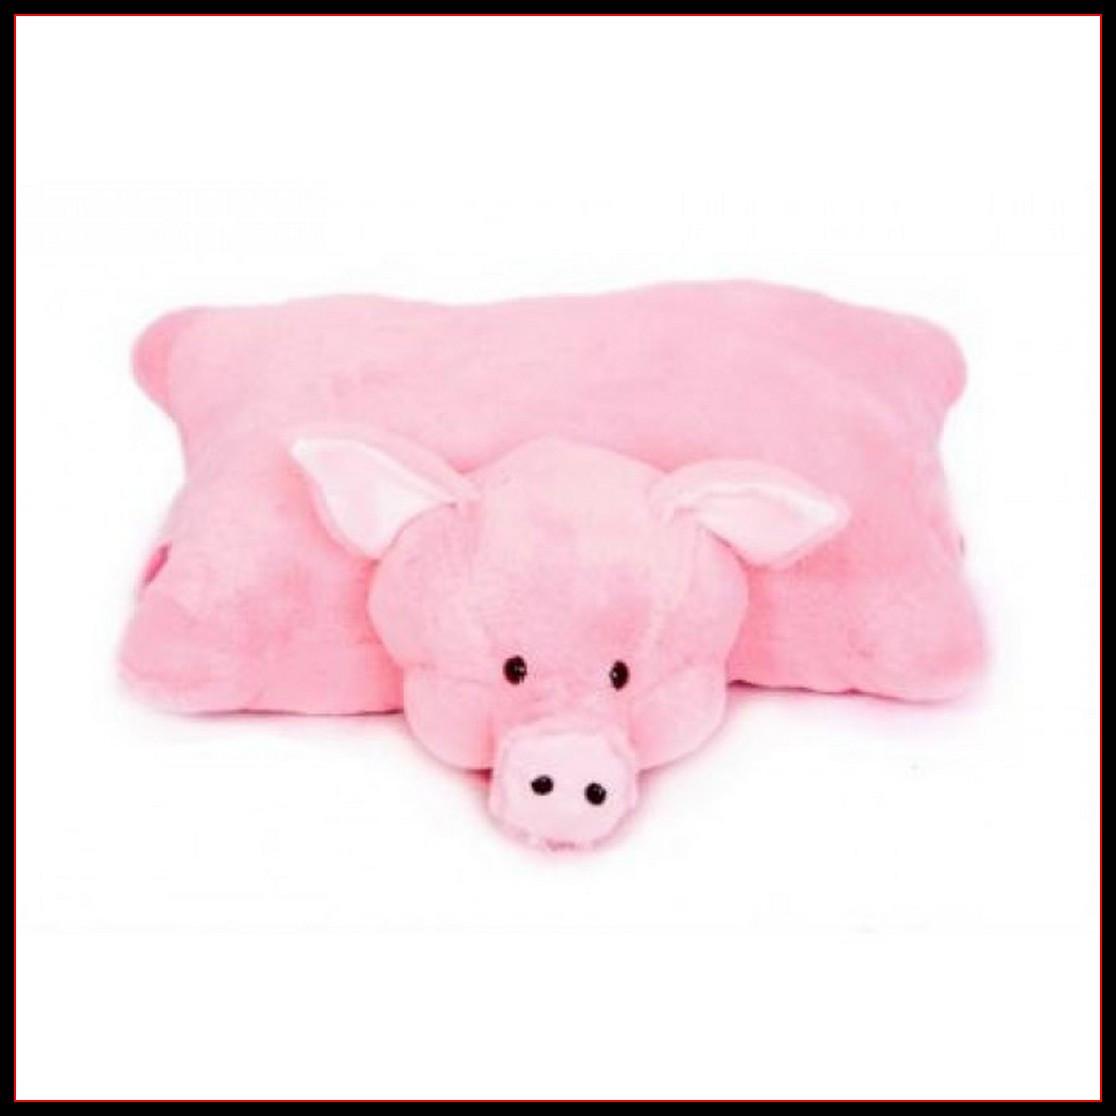 Декоративная детская подушка мягкая игрушка свинка 45 см